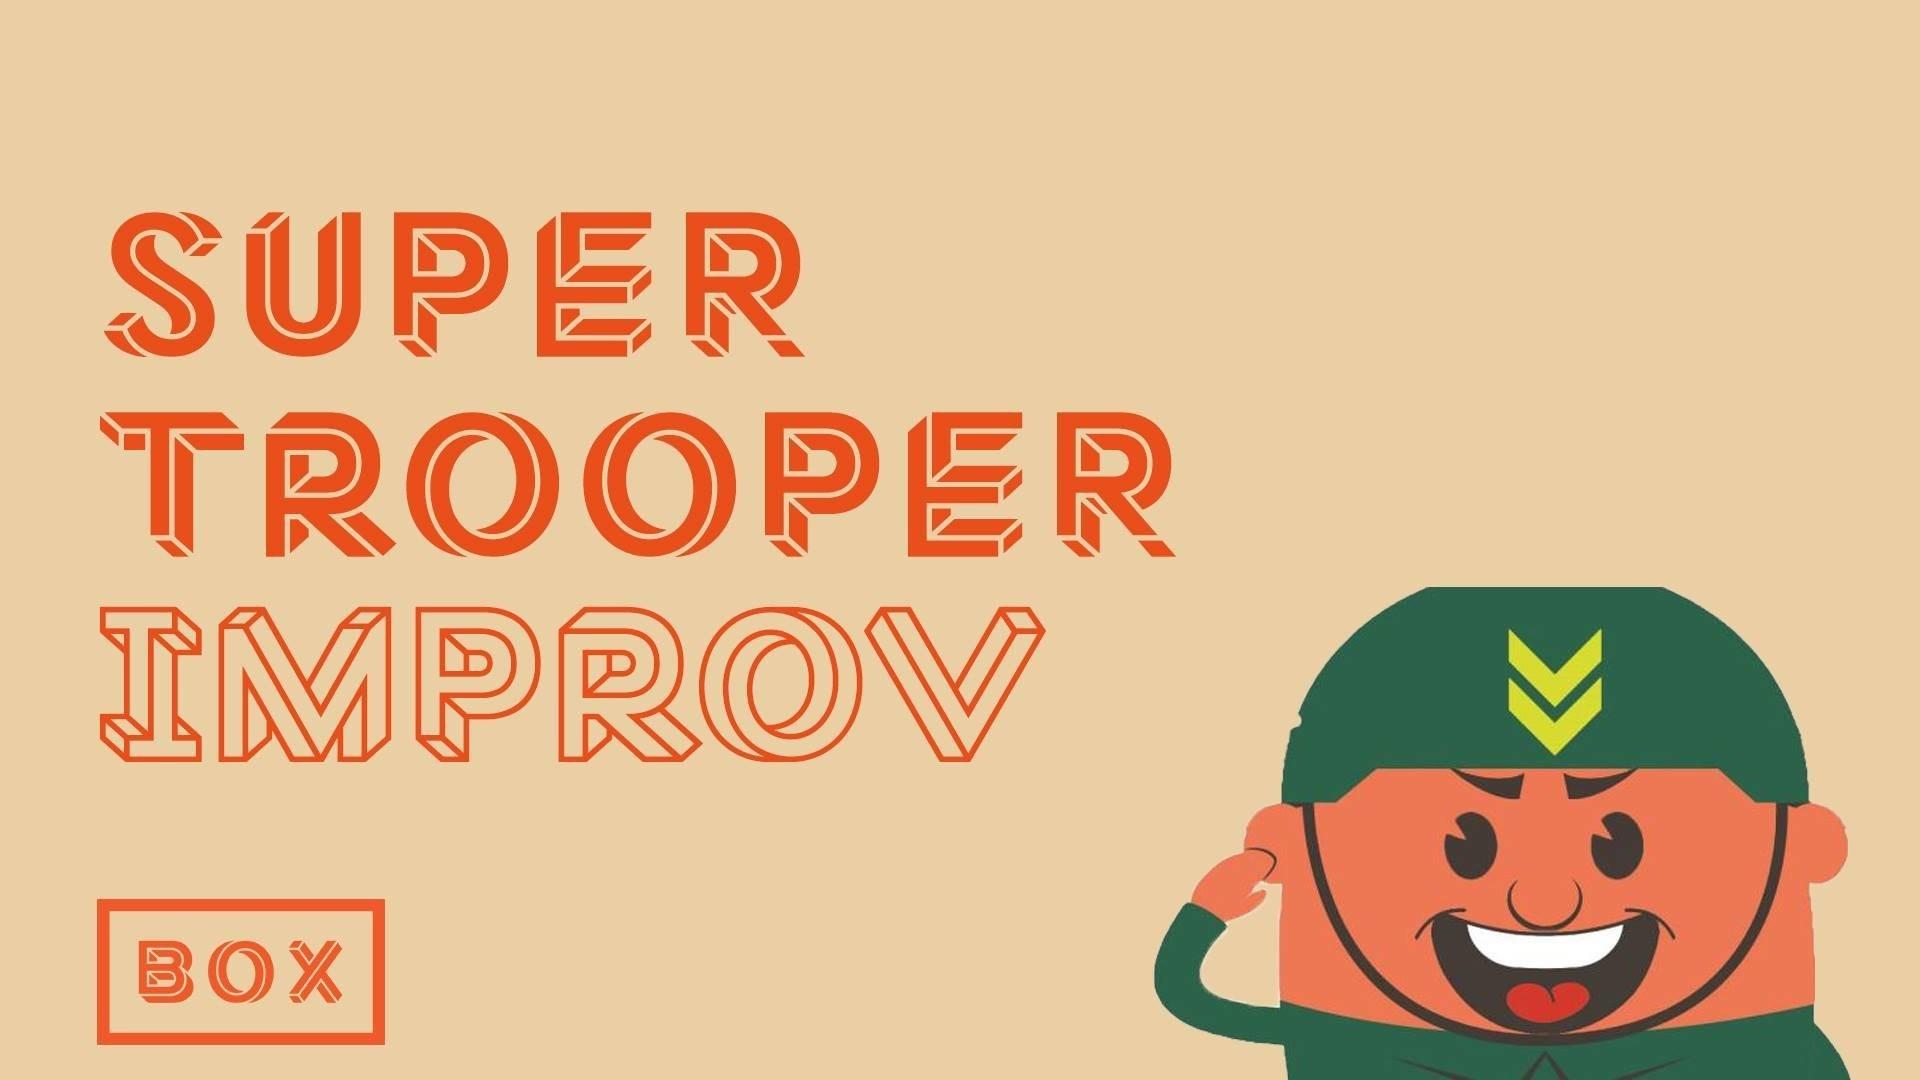 Super trooper improv   image for ticketing sites